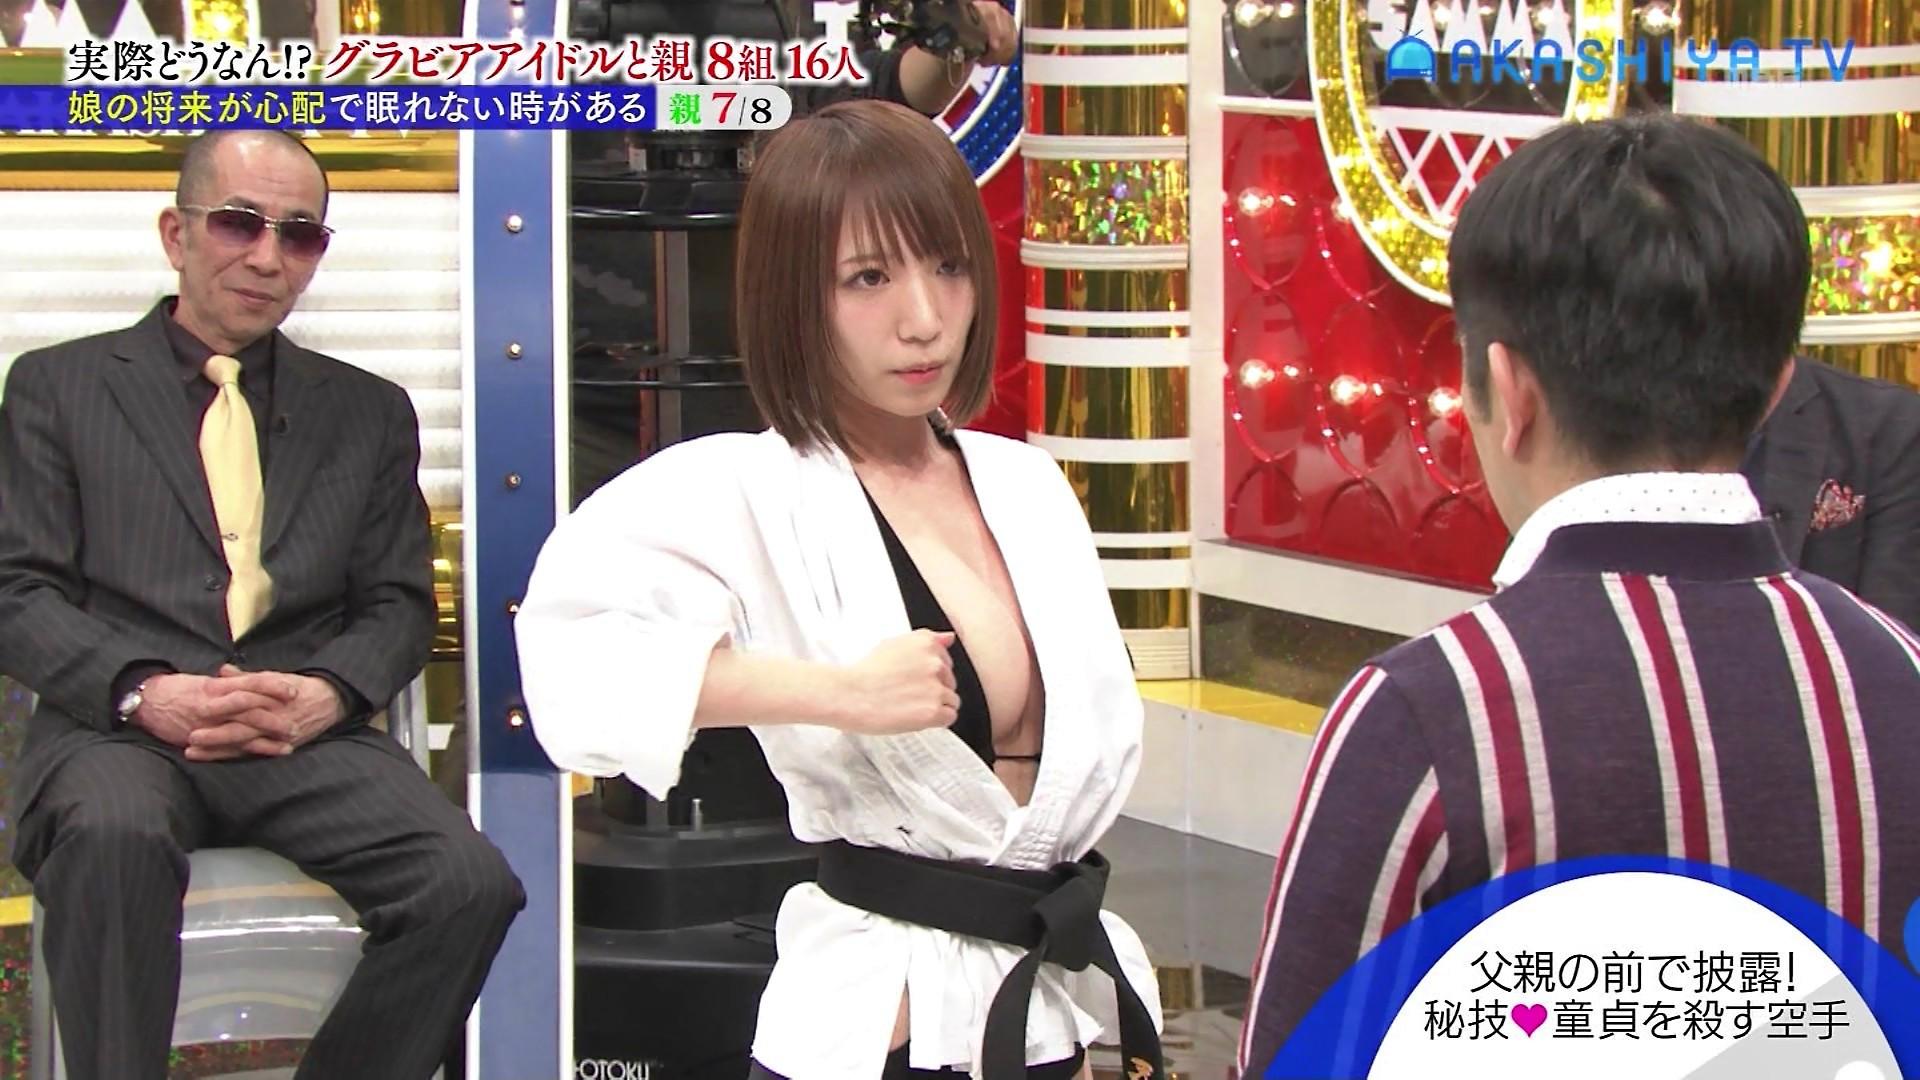 2019年4月22日明石家電視台のテレビキャプチャー画像-102